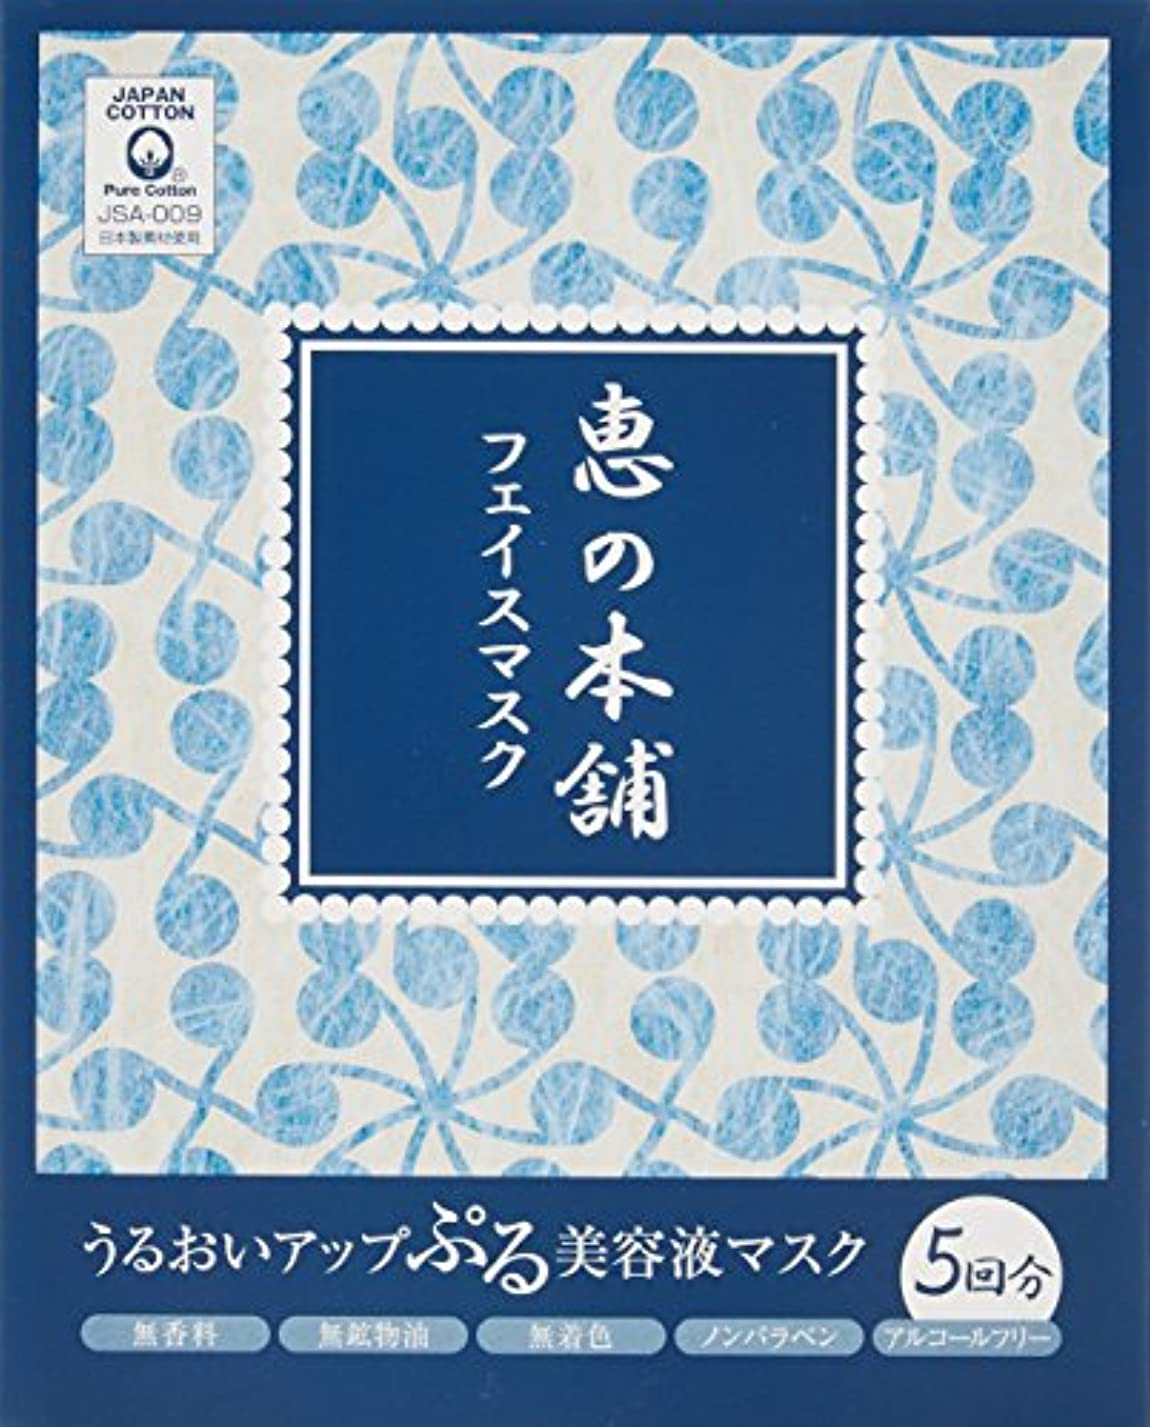 恵の本舗うるおいアップ『ぷる』美容液マスク